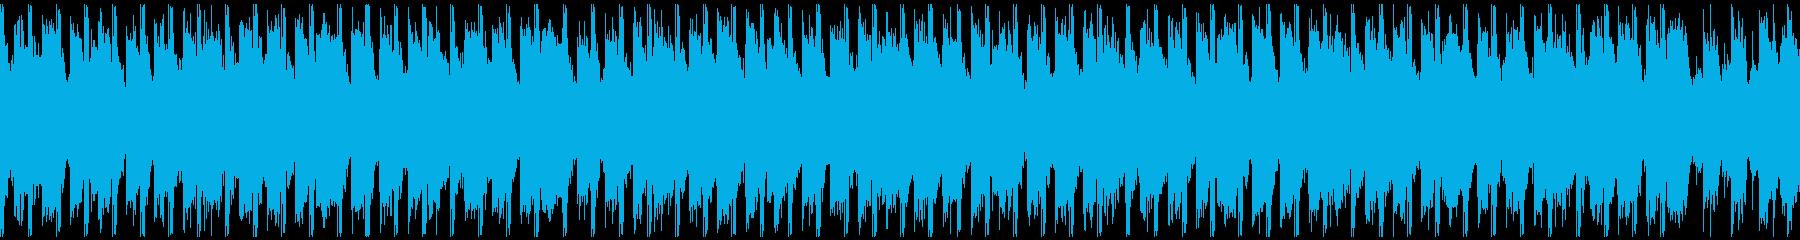 サマーポップ(ループ-30秒)の再生済みの波形